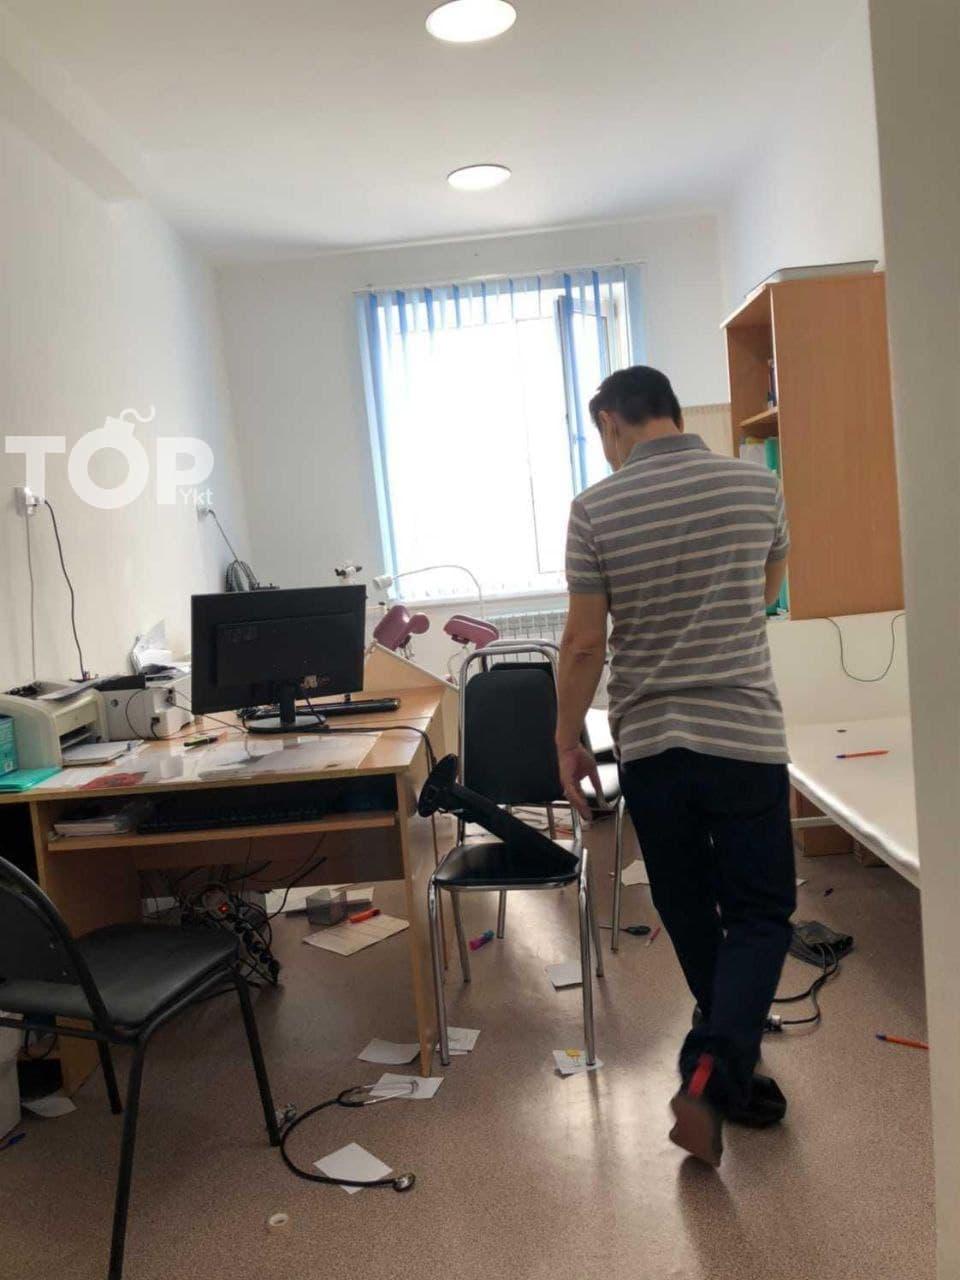 В городской поликлинике № 4 Якутска 12 мая пациентка напала на врача и устроила погром в кабинете. После этого она скрылась с места происшествия, правоохранители разыскивают её. Доктора госпитализировали в республиканскую больницу № 2. Причина конфликта неизвестна. О происшествии сообщили очевидцы в ТГ-канале «YKT TOP».